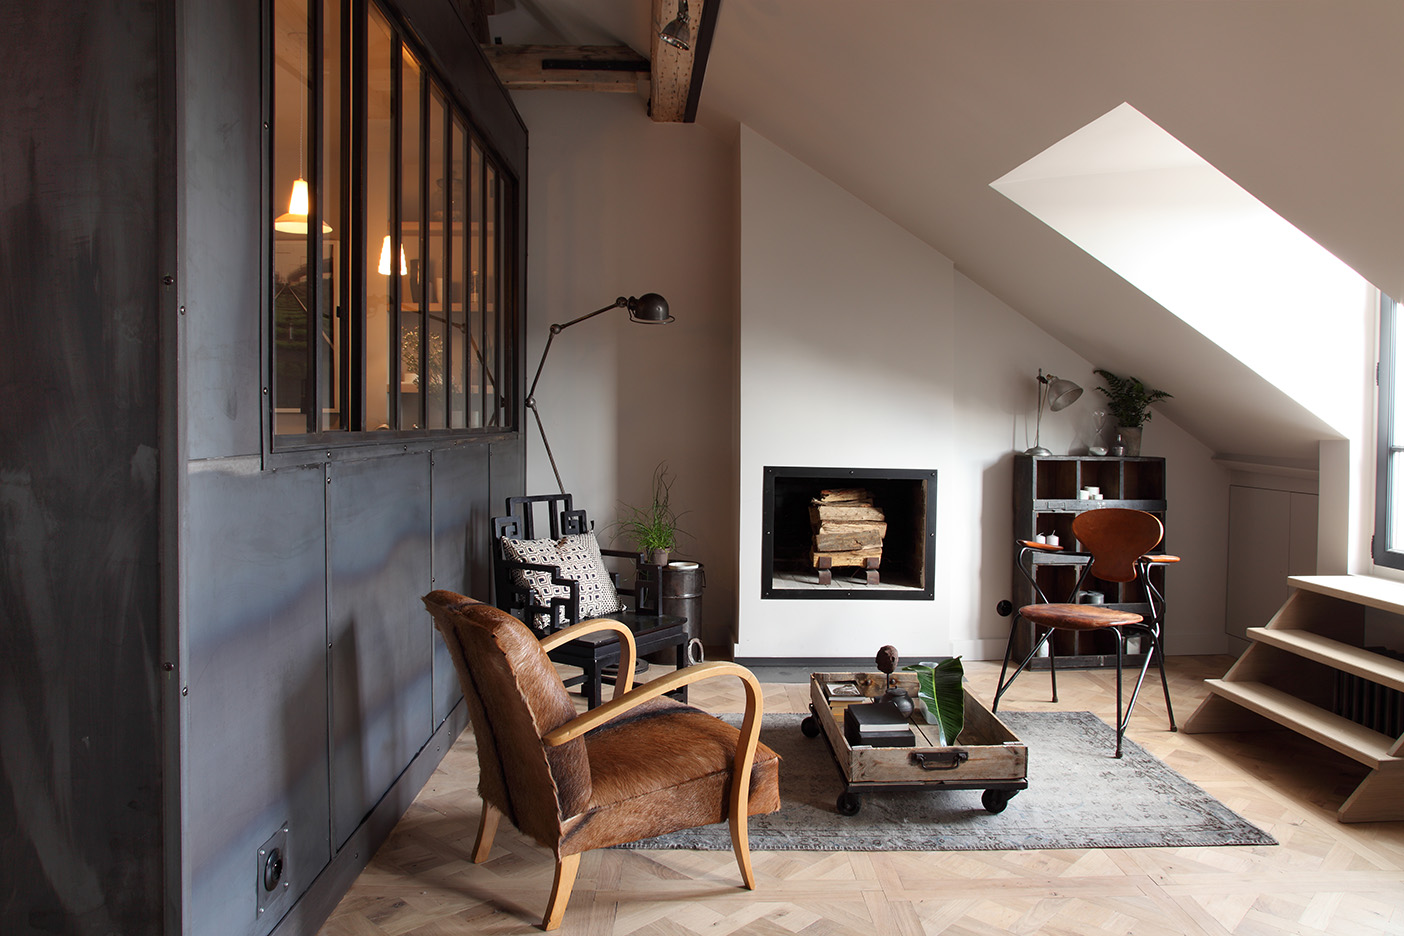 fauteuil devant chemine ralisation duun grand salon design ferm avec un mur blanc bton au sol. Black Bedroom Furniture Sets. Home Design Ideas